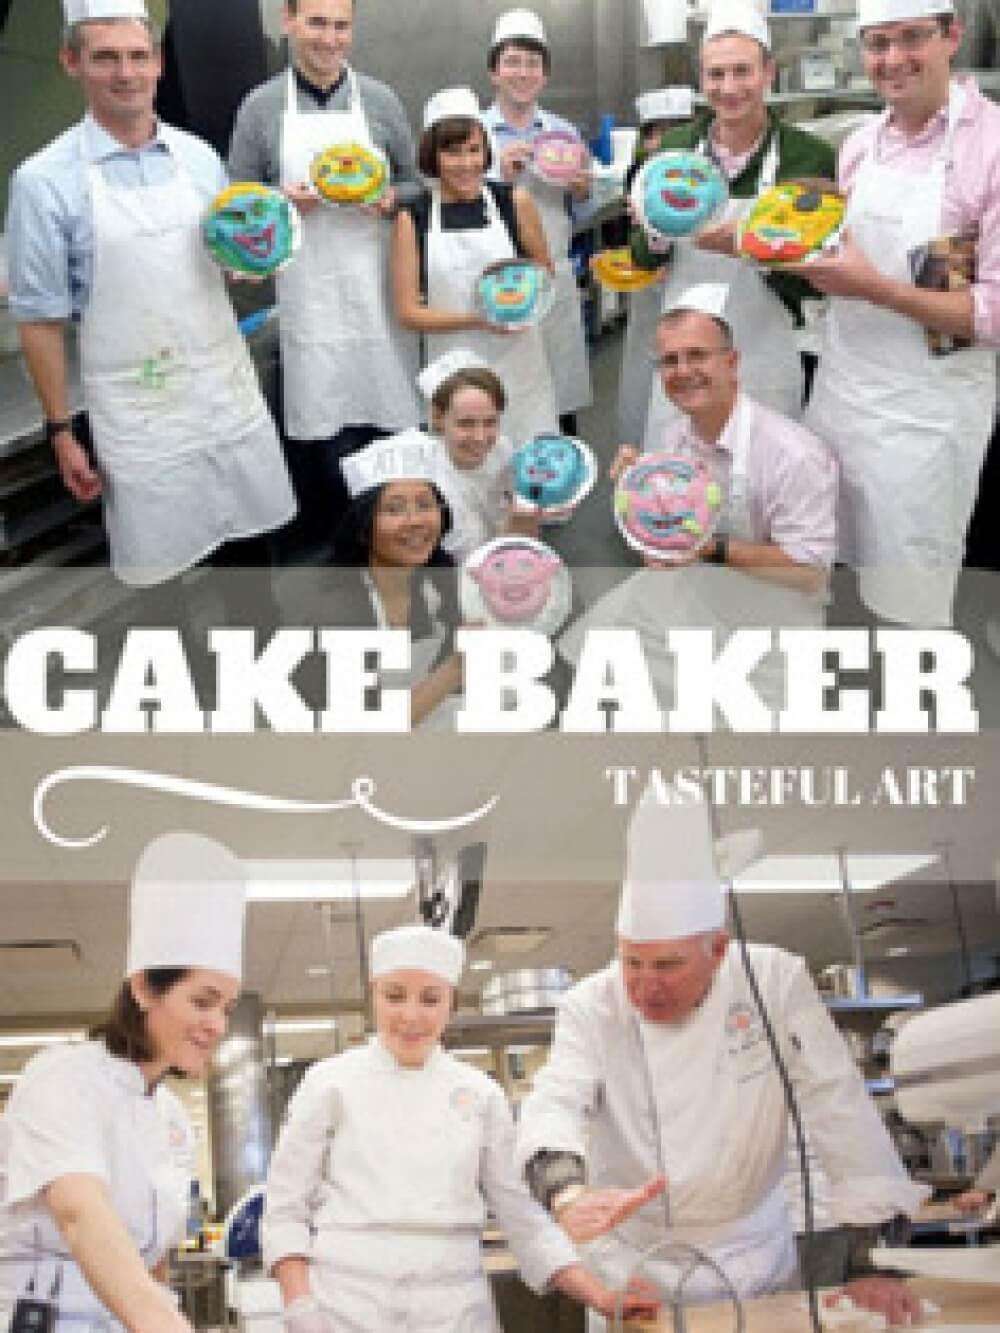 cake_baker_vertical_web